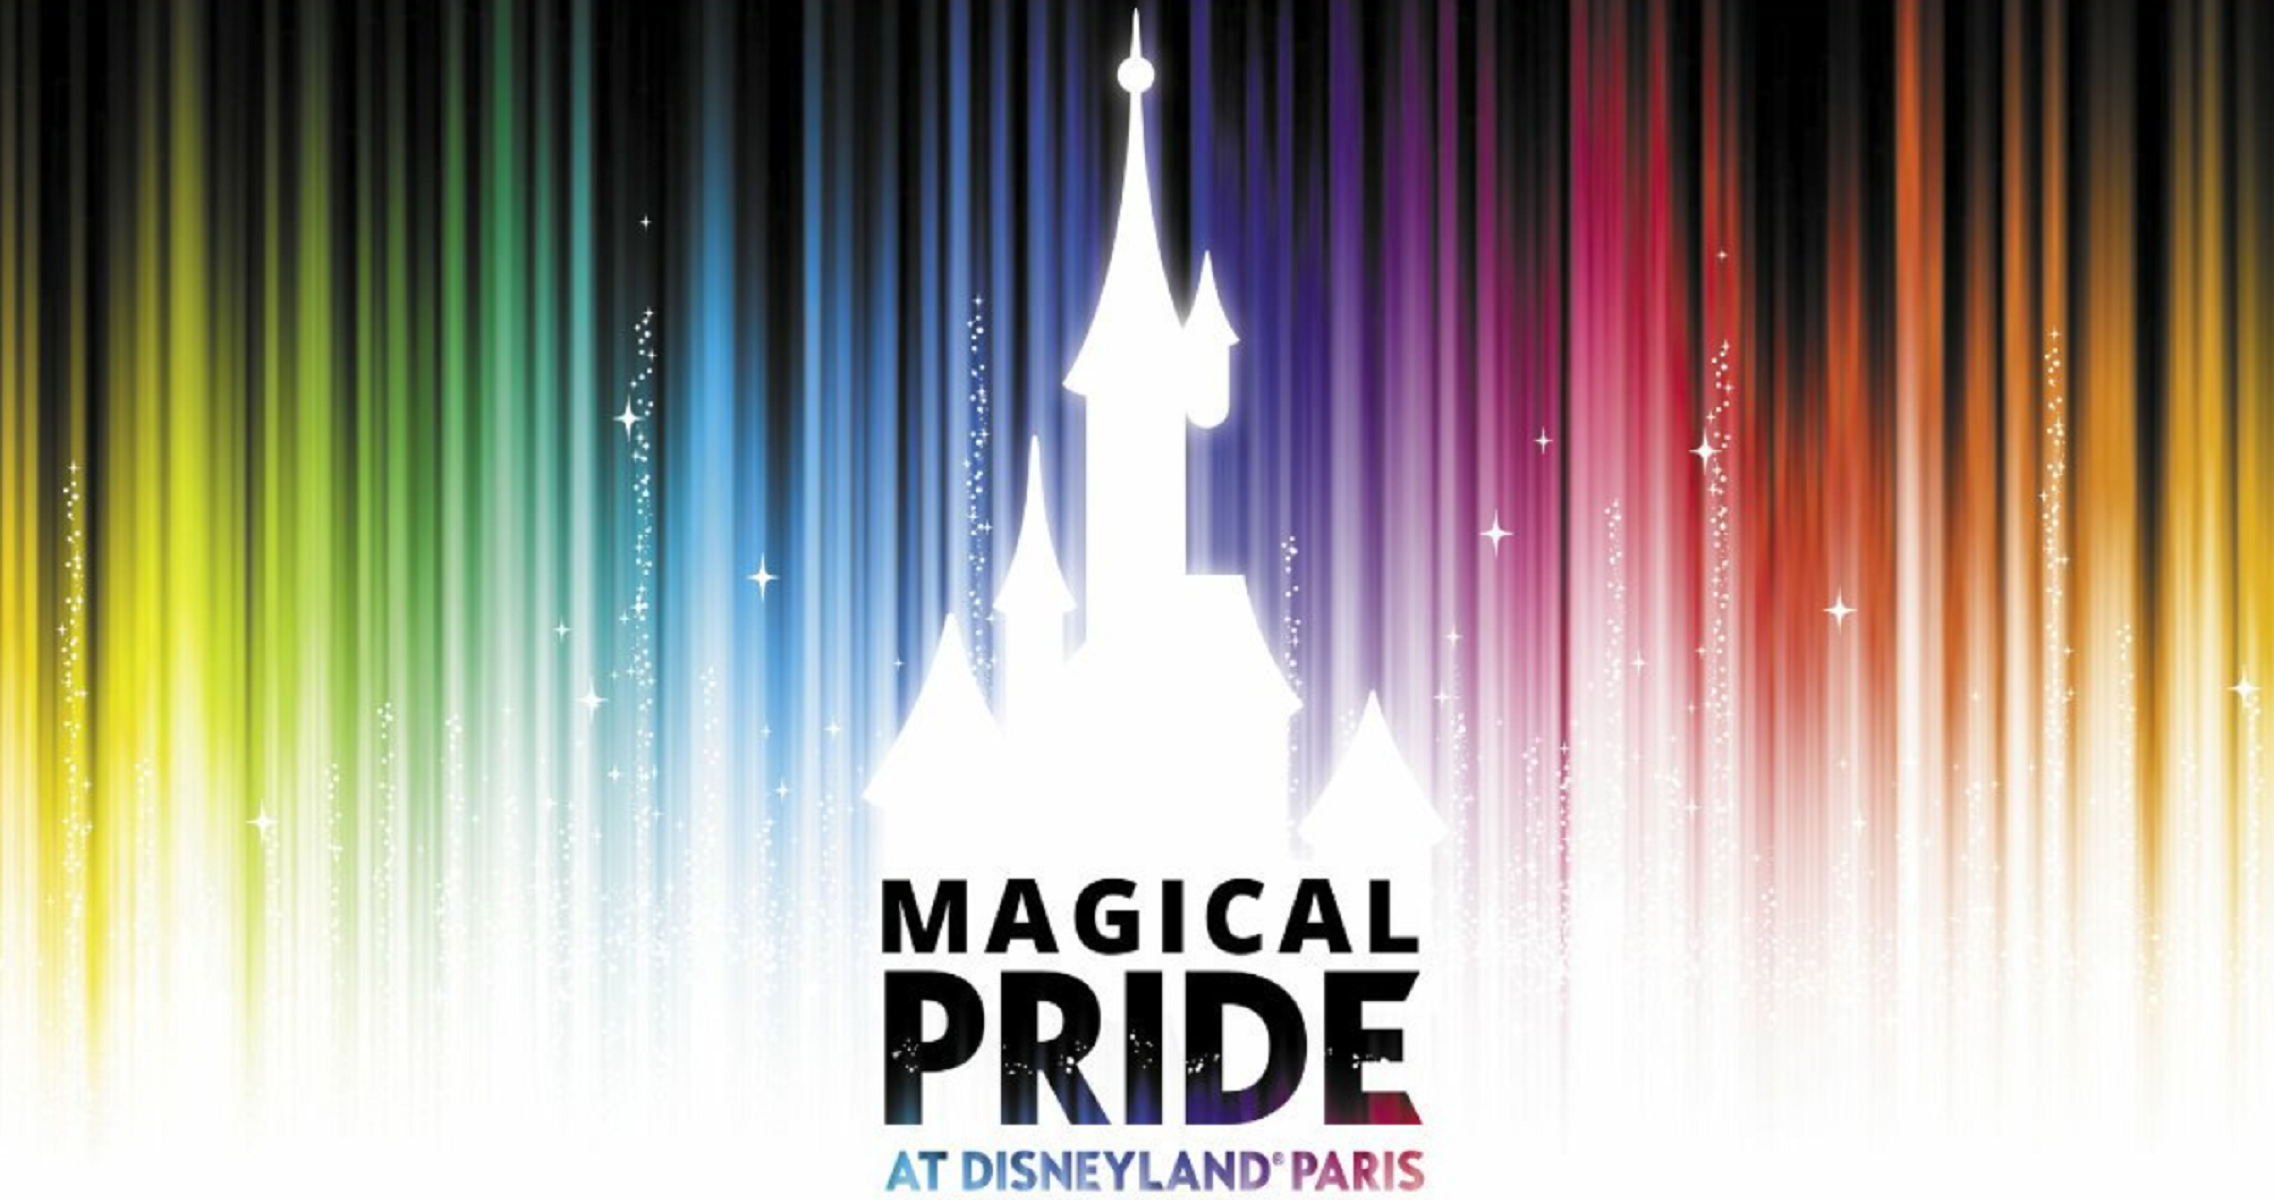 Un 2019 ricco di eventi esclusivi per tutti, solo a Disneyland Paris ...